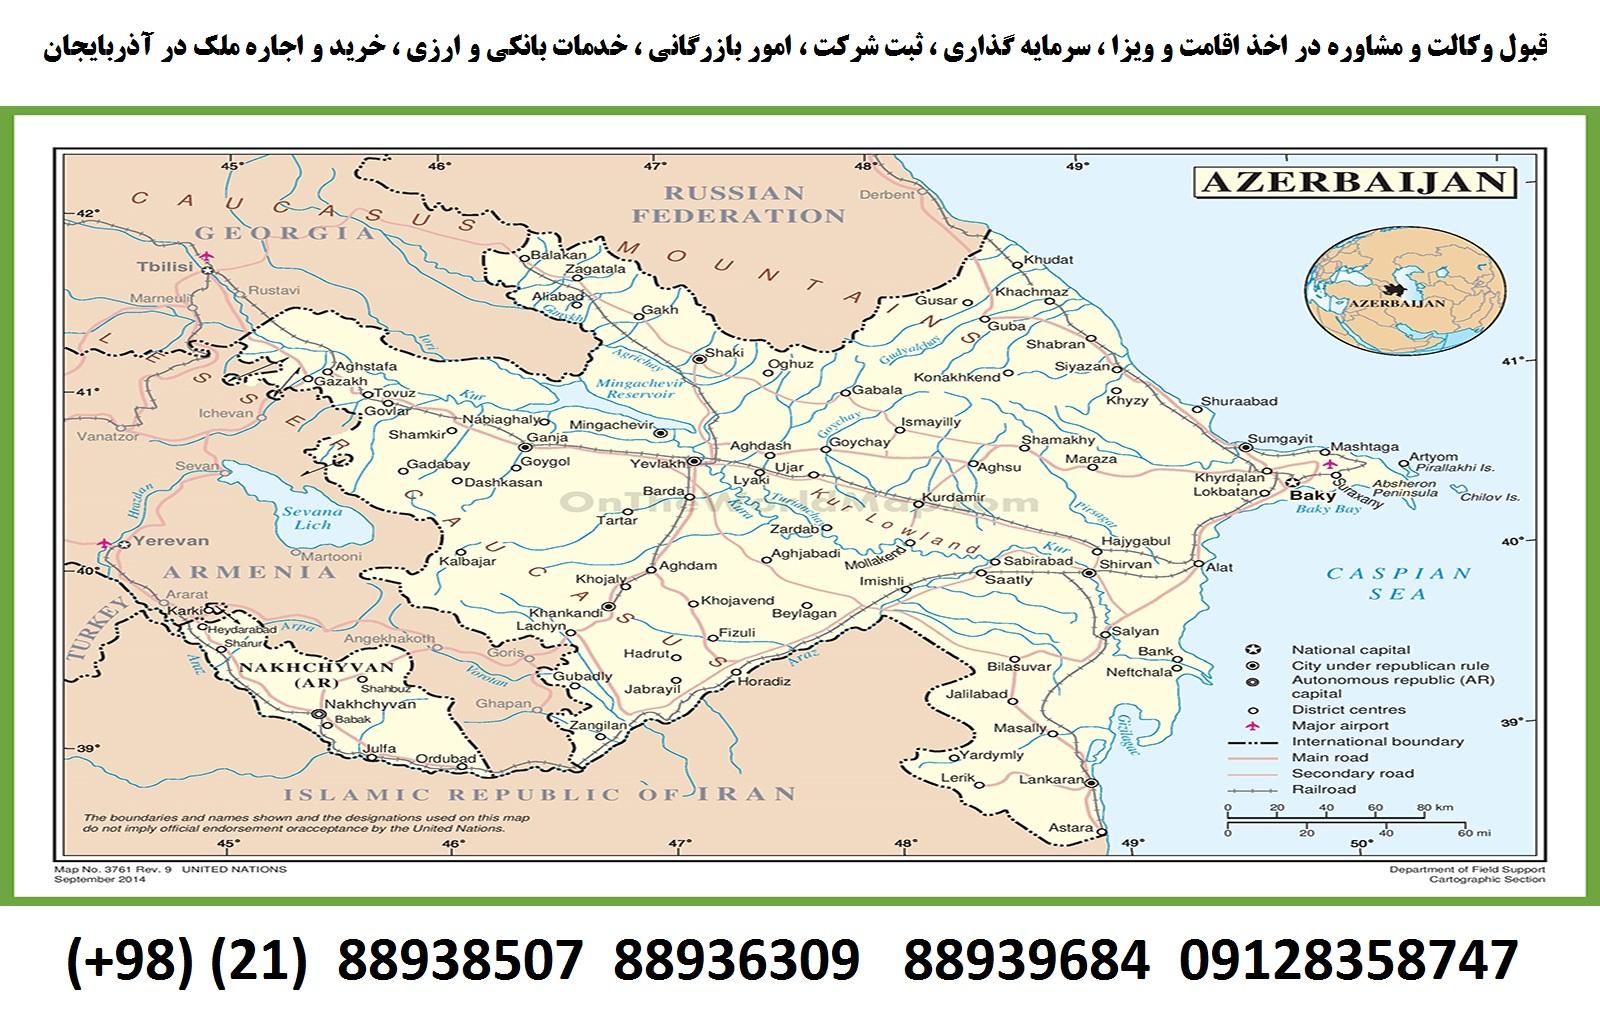 اقامت ، ویزا ، ثبت شرکت ، سرمایه گذاری در آذربایجان (2)